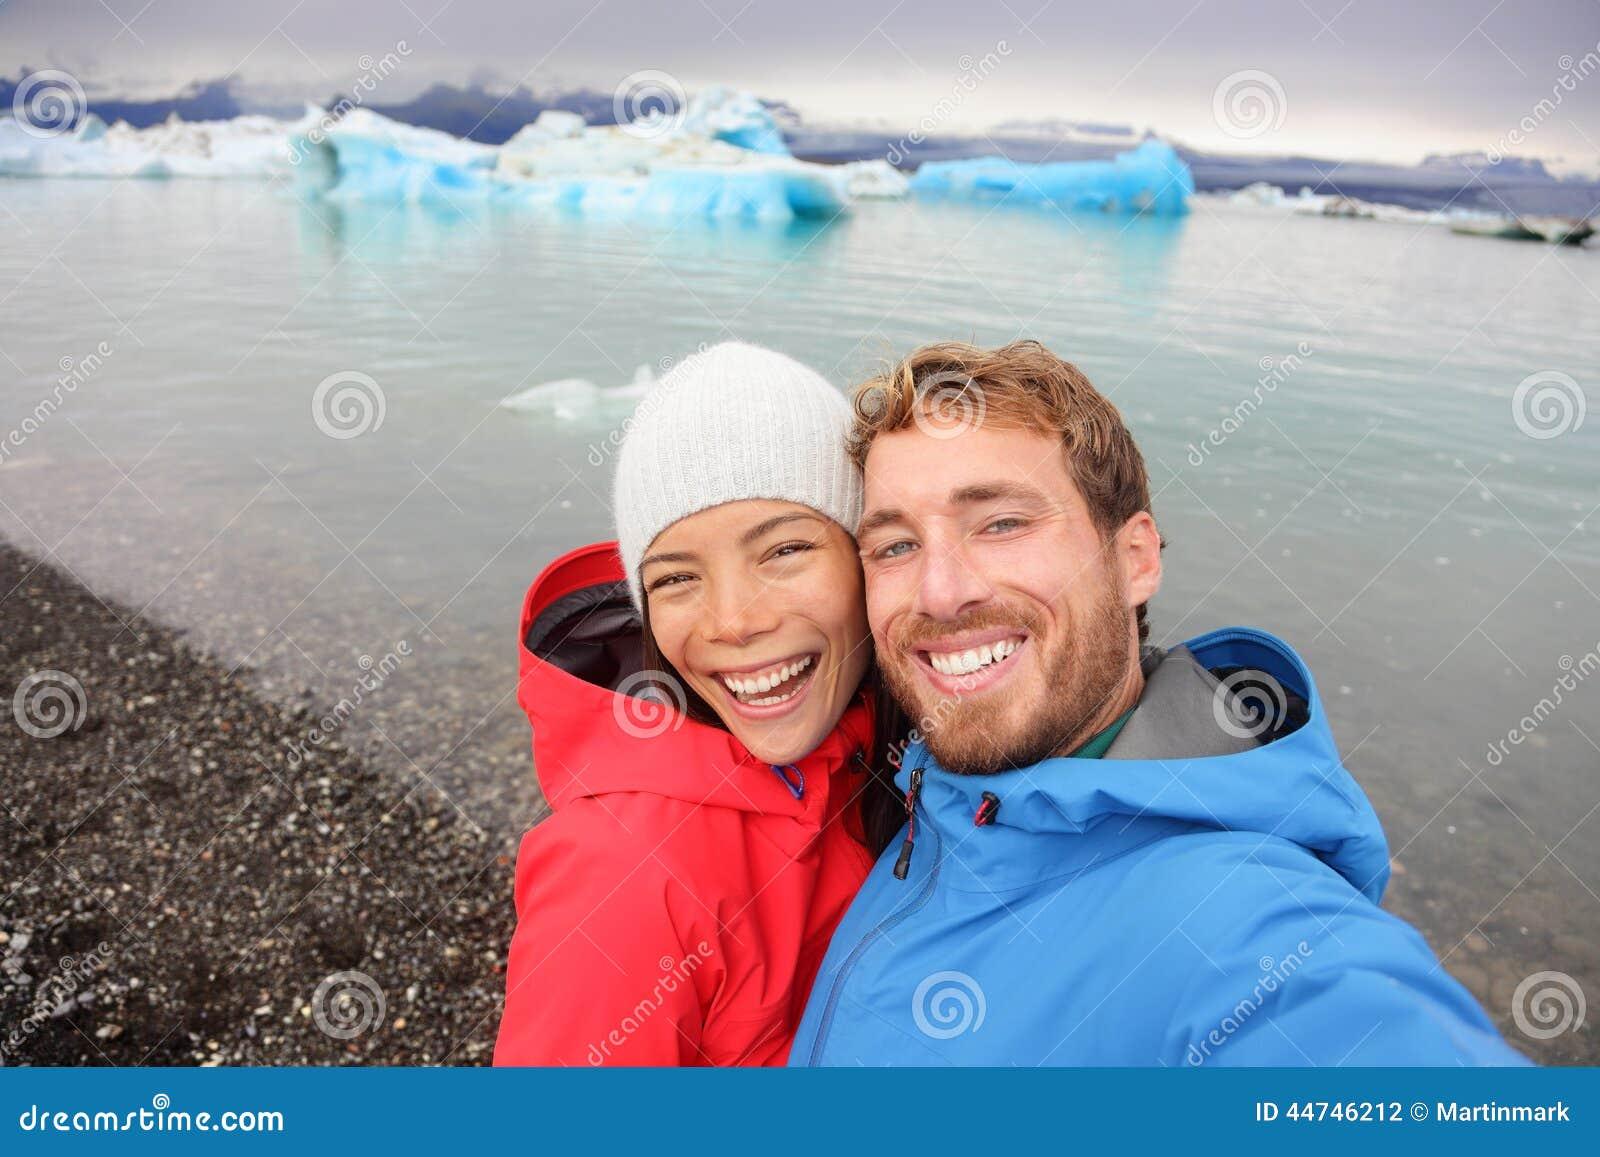 Couple taking selfie by Jokulsarlon on Iceland